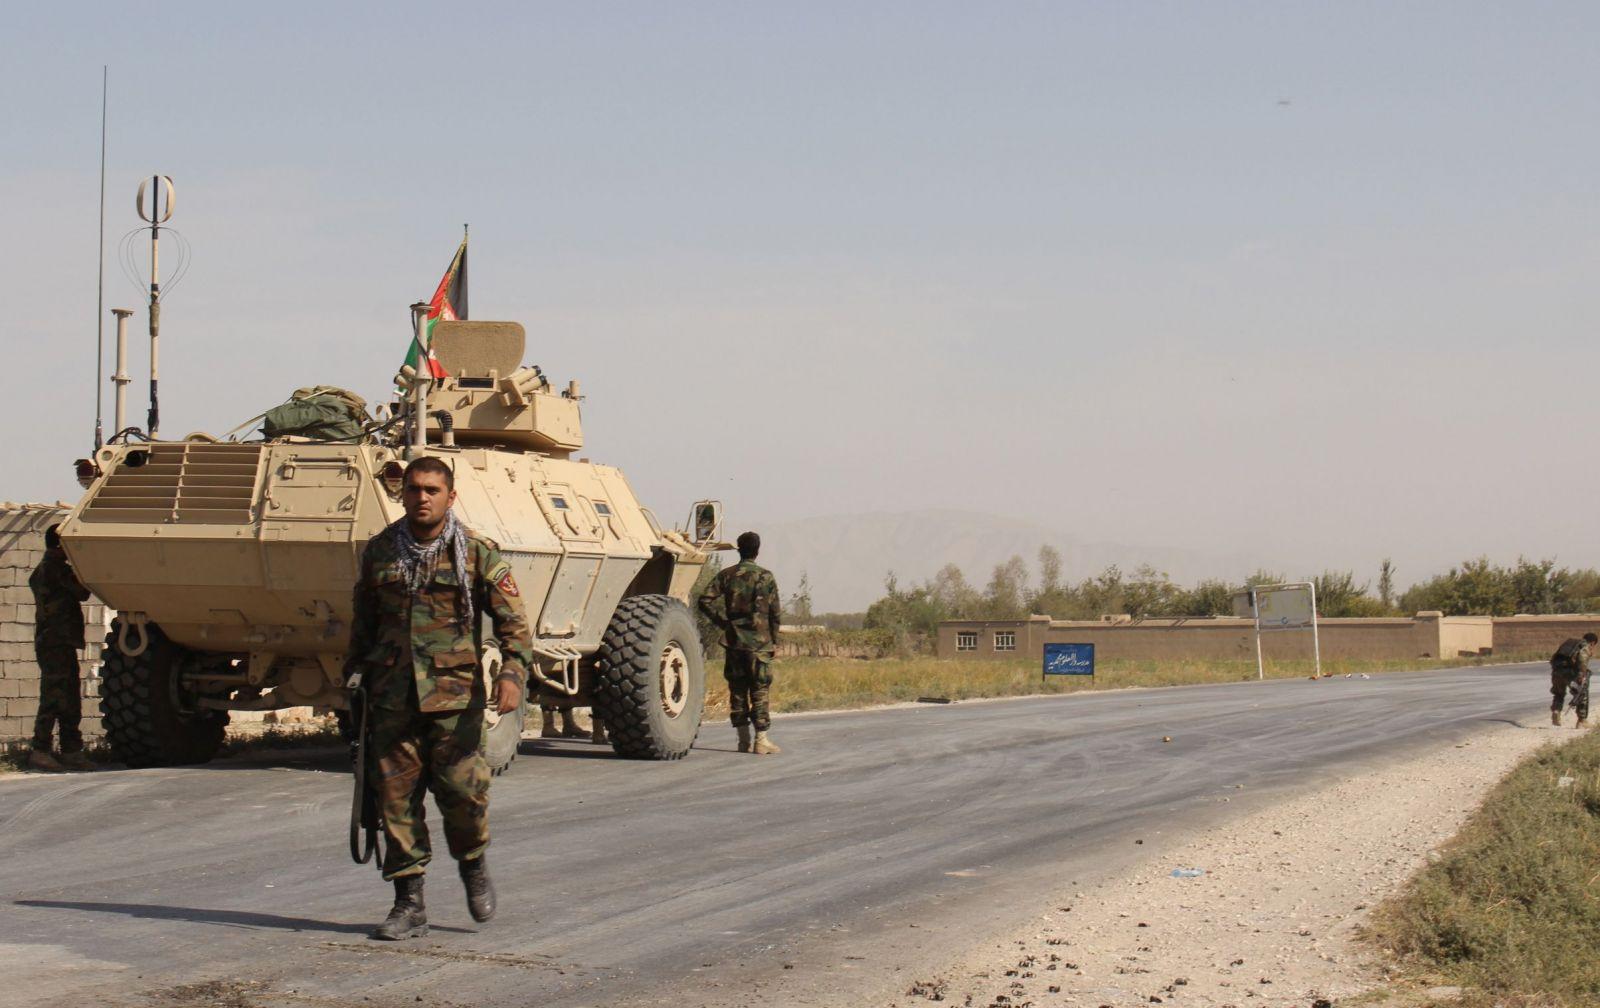 Vojenská policie zadržela české vojáky. Vyšetřuje smrt Afghánce, který loni zastřelil psovoda Tomáše Procházku